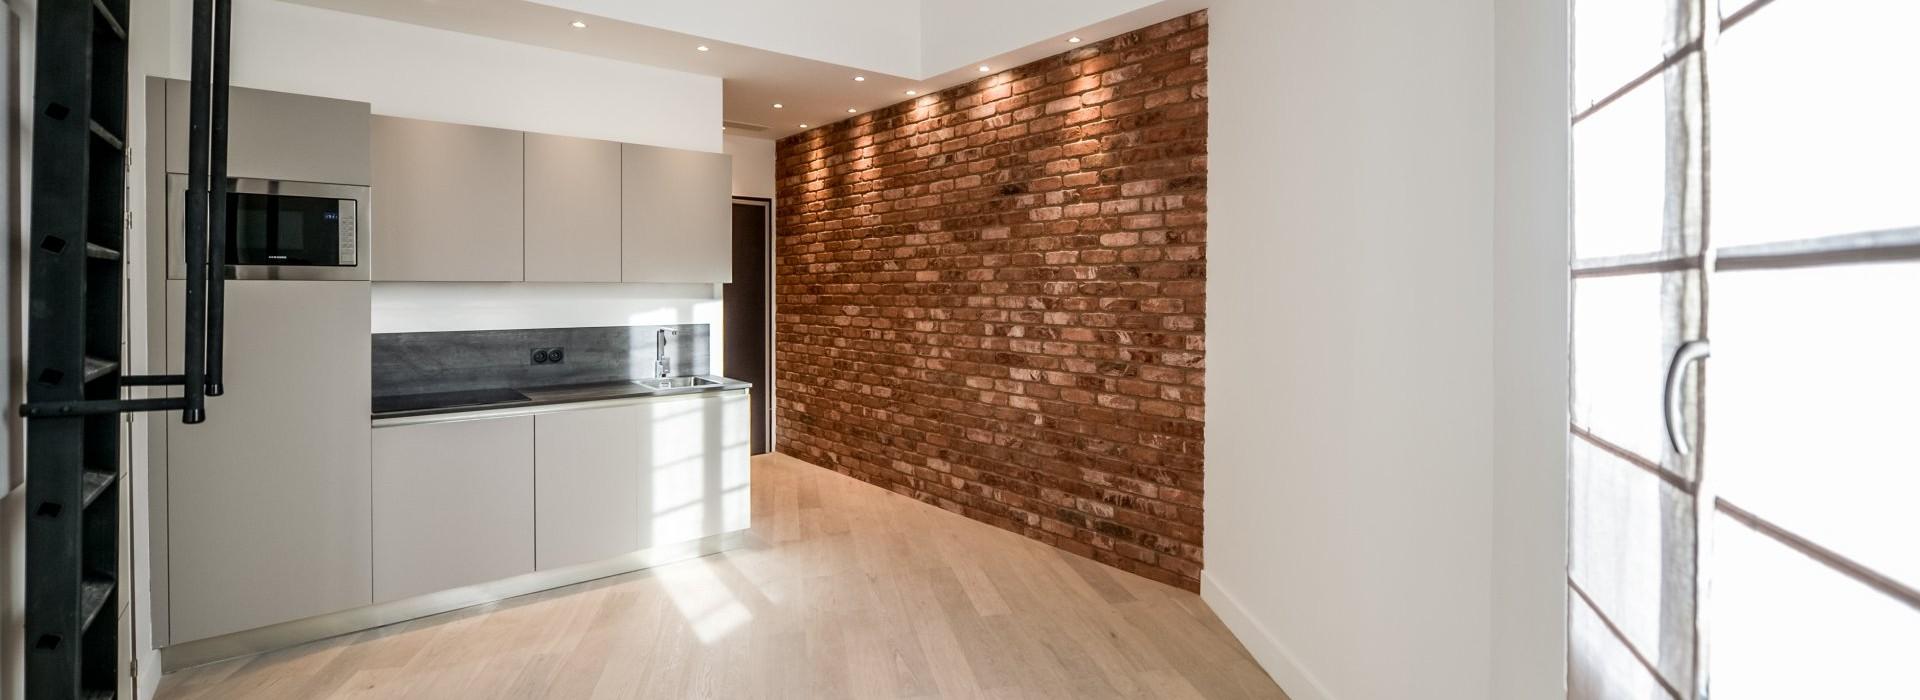 Appartement Nice 3 Pièces 37m2 265,000€